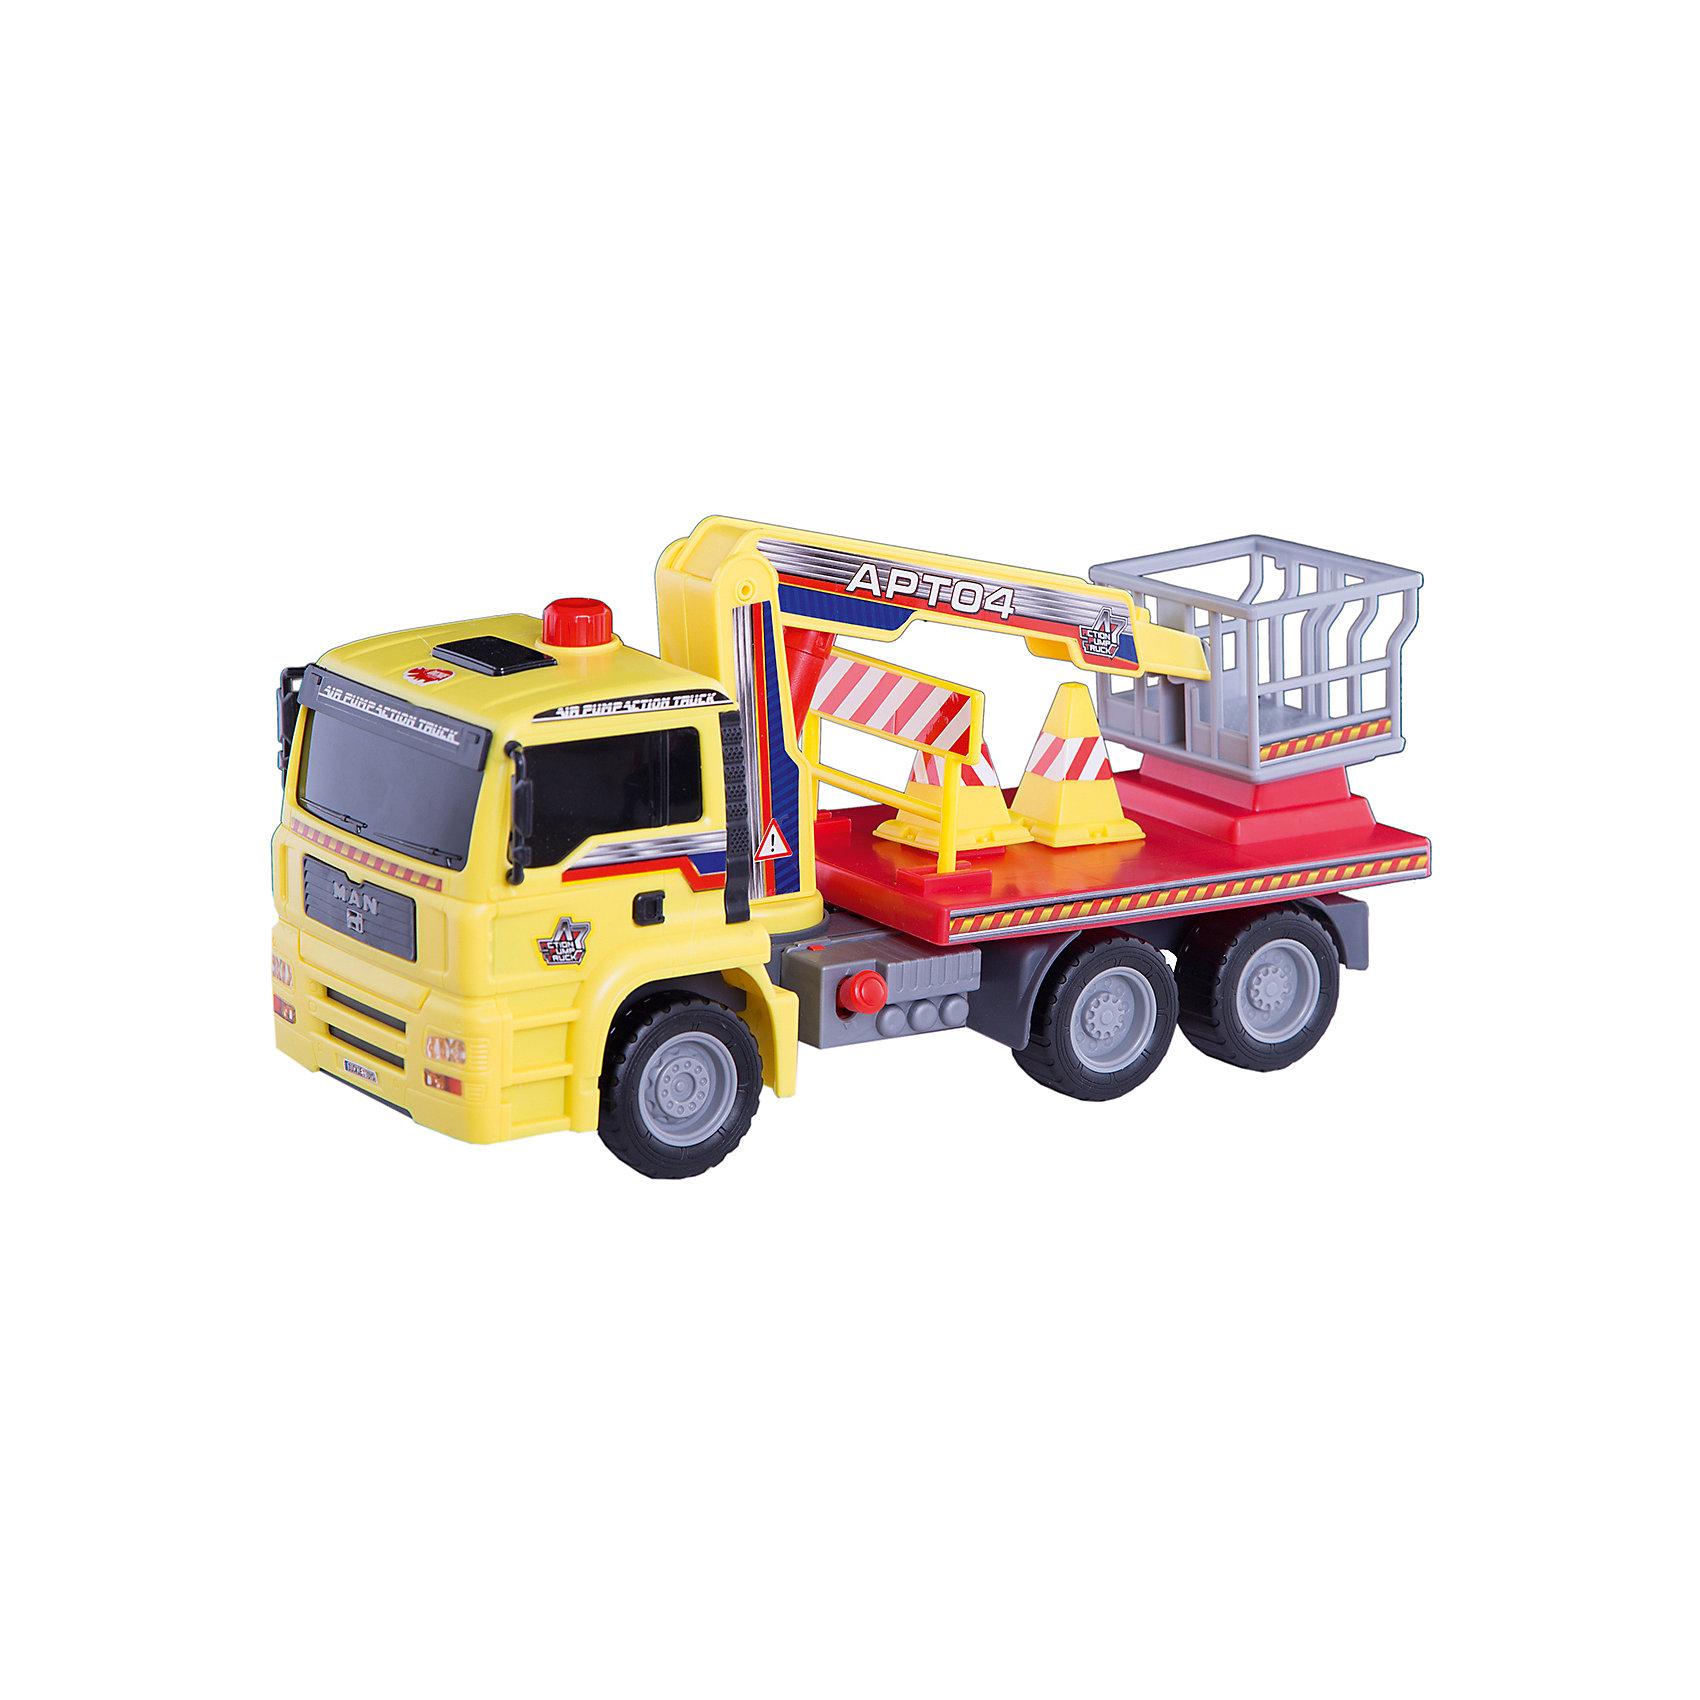 Грузовик с подъемным механизмом, 29см, DickieМашинки<br>Яркий грузовик займет достойное место в коллекции автомобилей любого мальчишки! Машина прекрасно детализирована, имеет множество реалистичных деталей, очень похожа на настоящий грузовик. Грузовик имеет подвижные колеса с широкими рельефными протекторами, оборудован специальным подъемником с площадкой для работника. Подъемник приводится в движение пневматическим механизмом AirPump за счет рычага на корпусе игрушки. Игрушка выполнена из прочных экологичных материалов, в производстве которых использованы нетоксичные, безопасные красители. <br><br>Дополнительная информация:<br><br>- Материал: пластик, металл.<br>- Размер: 29 см.<br>- Подвижные колеса.<br>- Подъемник с площадкой для работника.<br>- Комплектация: машинка, дорожные знаки.<br><br>Грузовик с подъемным механизмом, 29см, Dickie (Дикки), можно купить в нашем магазине.<br><br>Ширина мм: 350<br>Глубина мм: 130<br>Высота мм: 200<br>Вес г: 680<br>Возраст от месяцев: 36<br>Возраст до месяцев: 84<br>Пол: Мужской<br>Возраст: Детский<br>SKU: 4582749